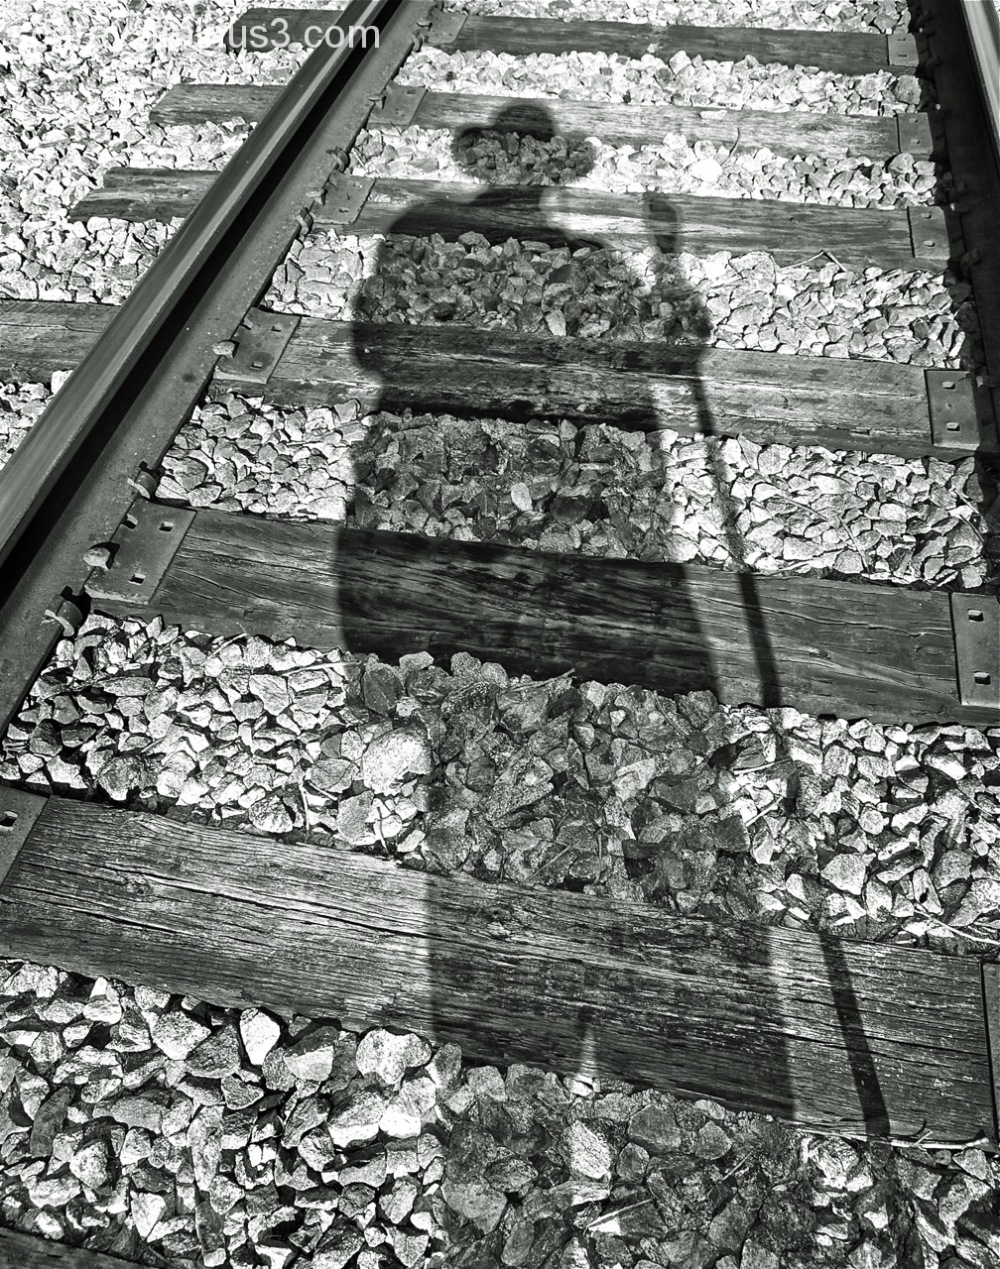 Shadow of self superimposed on train tracks